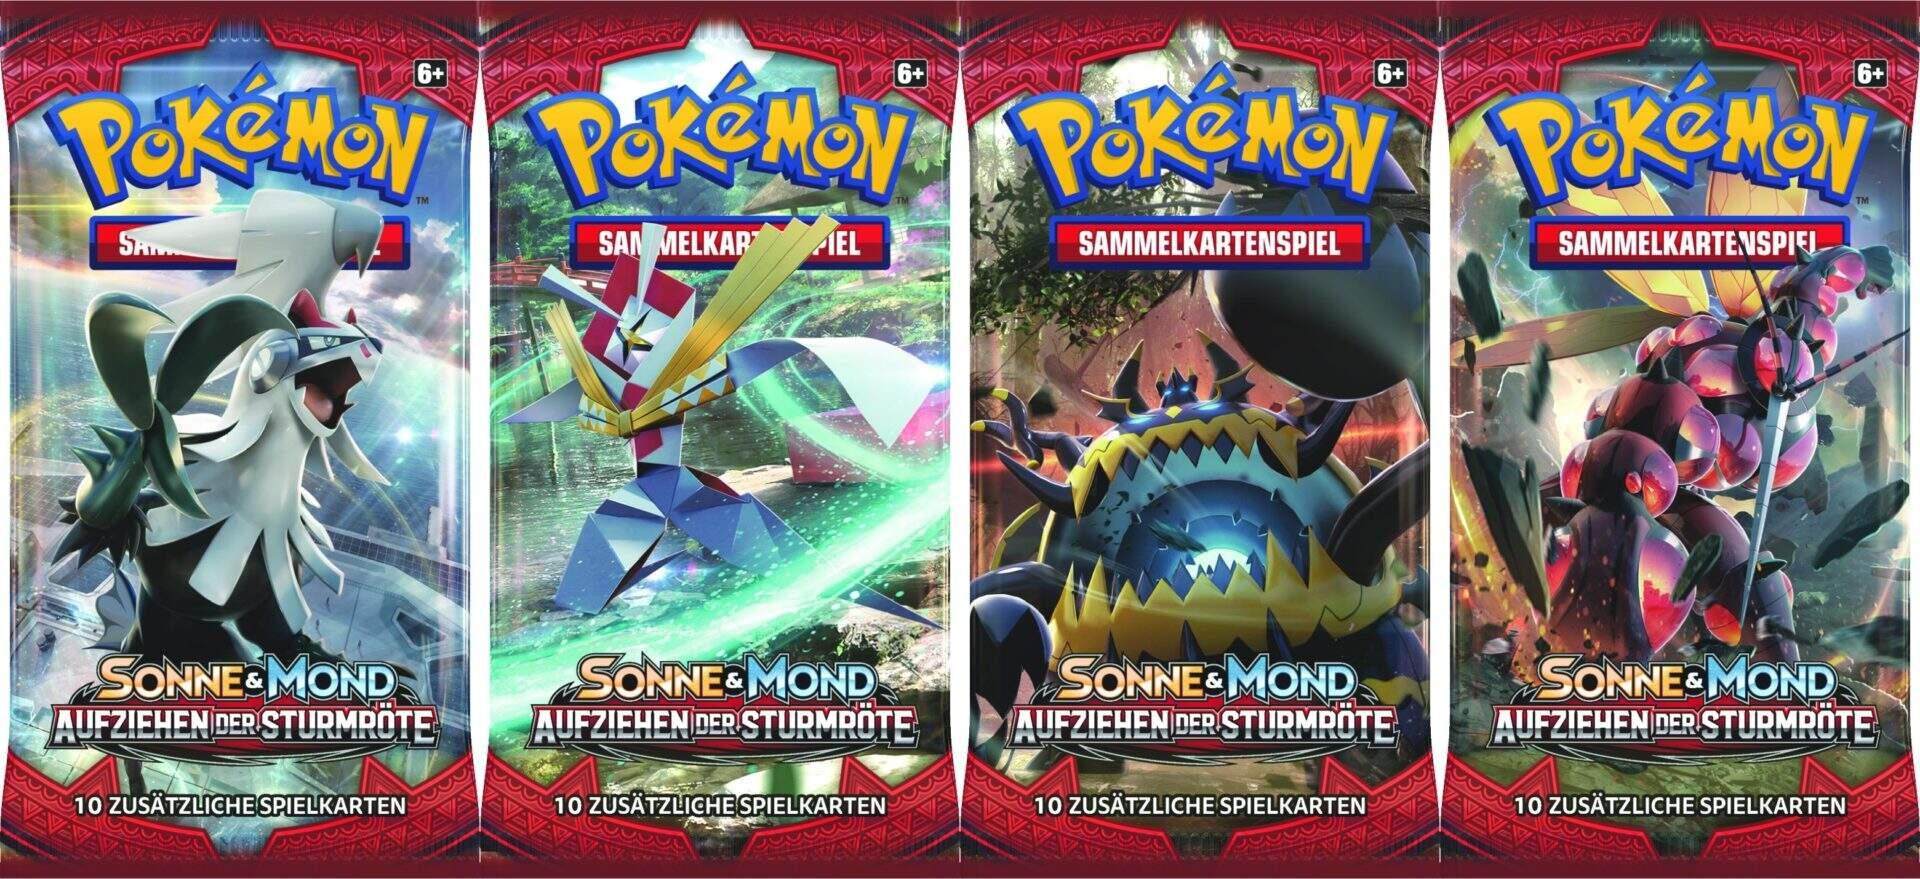 Pokémon Sammelkartenspiel Booster